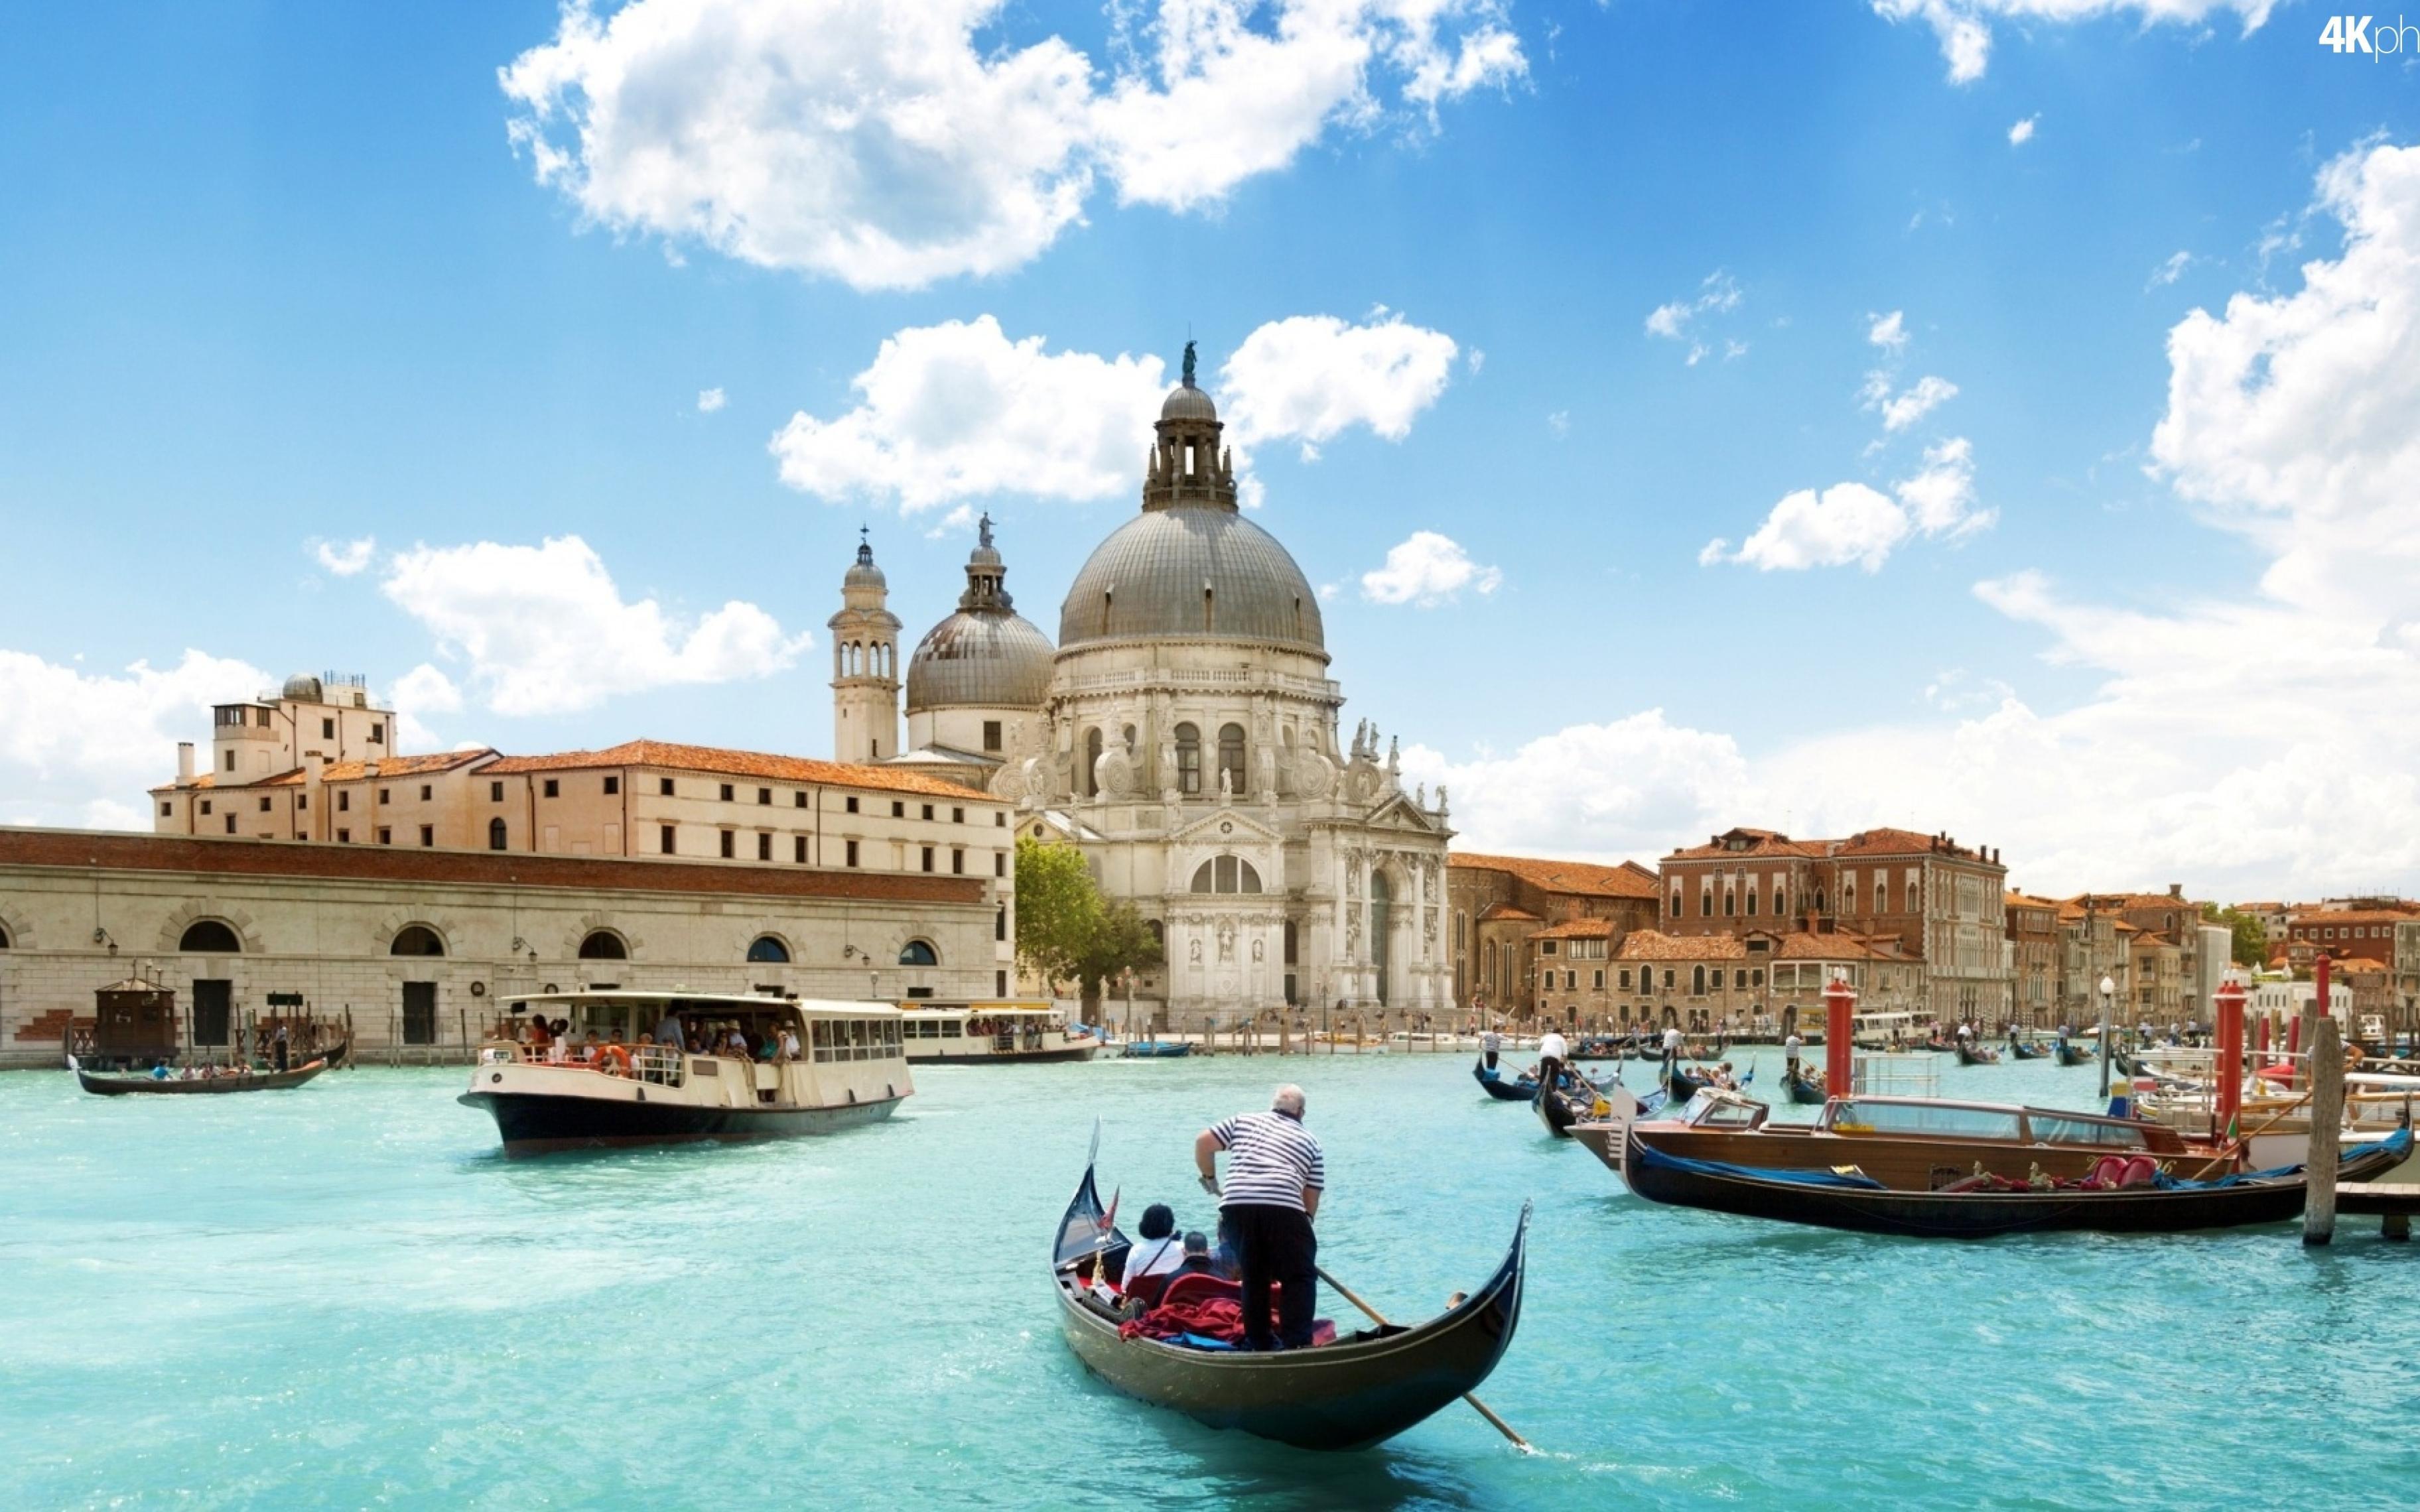 nova godina 2021, nova godina 2021 autobusom, nova godina 2021 aranzmani, putovanje nova godina 2021, aranzmani novogodisnje putovanje 2021 venecija italija